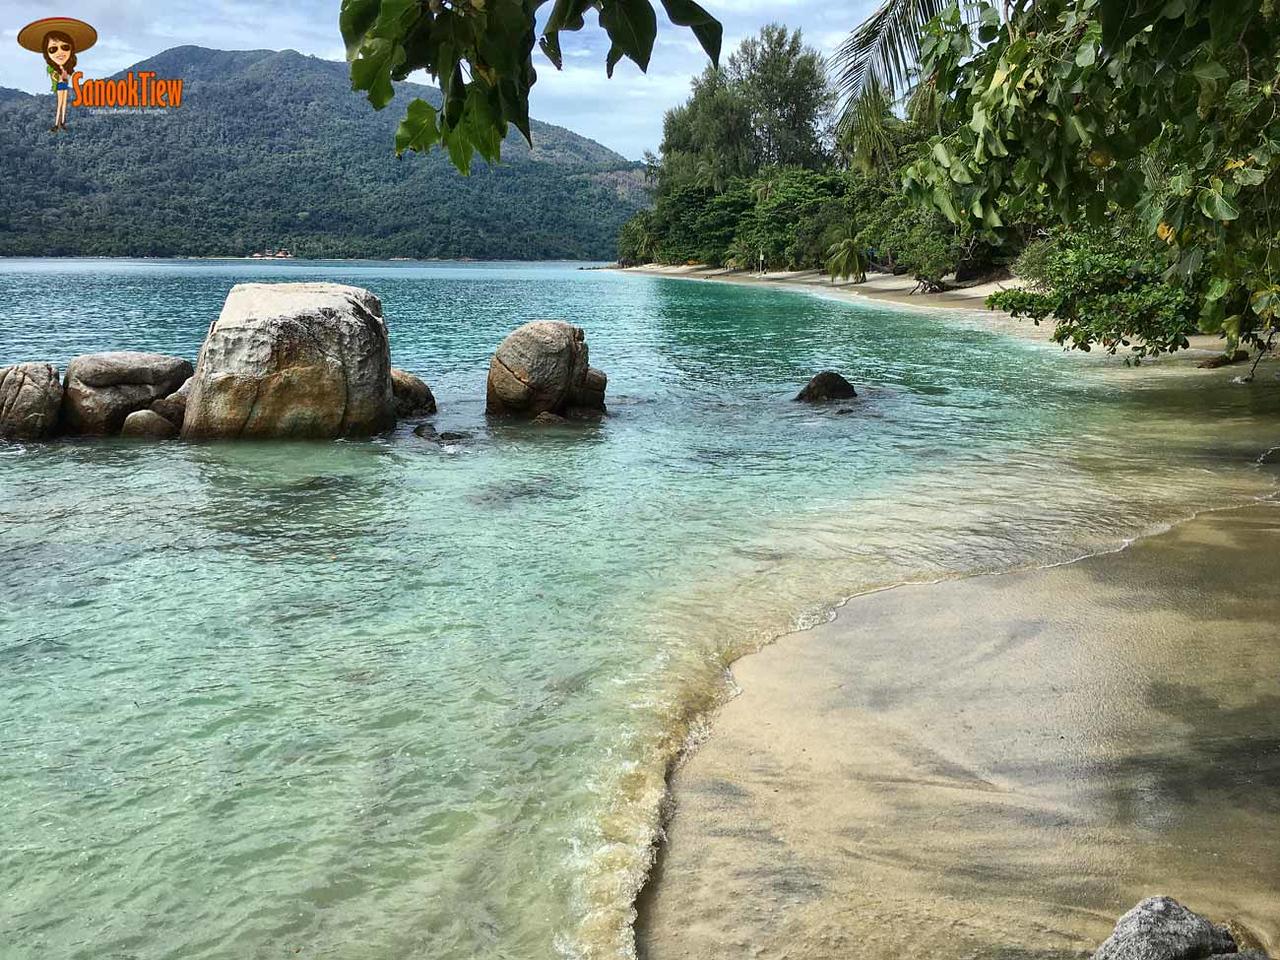 เกาะหลีเป๊ะ พักไหนดี ลองดู หาดซันเซ็ท (Senset Beach) สิคะ เงียบสงบมาก ร่มรื่นสุดๆ มีร่มไม้ตลอดหาดอีกด้วยค่ะ